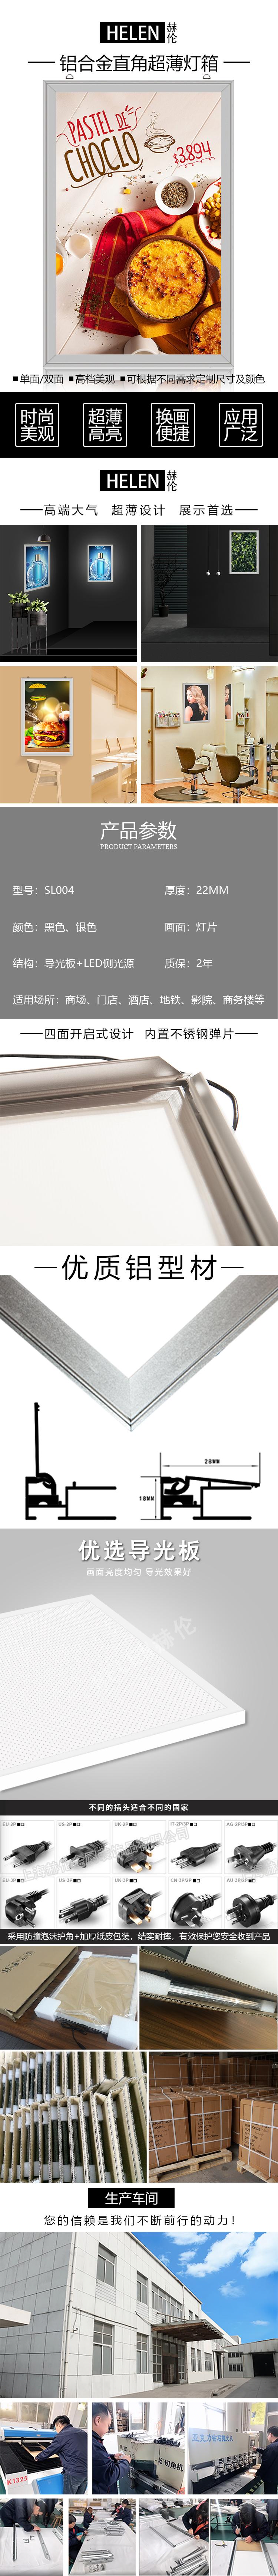 SL004中文